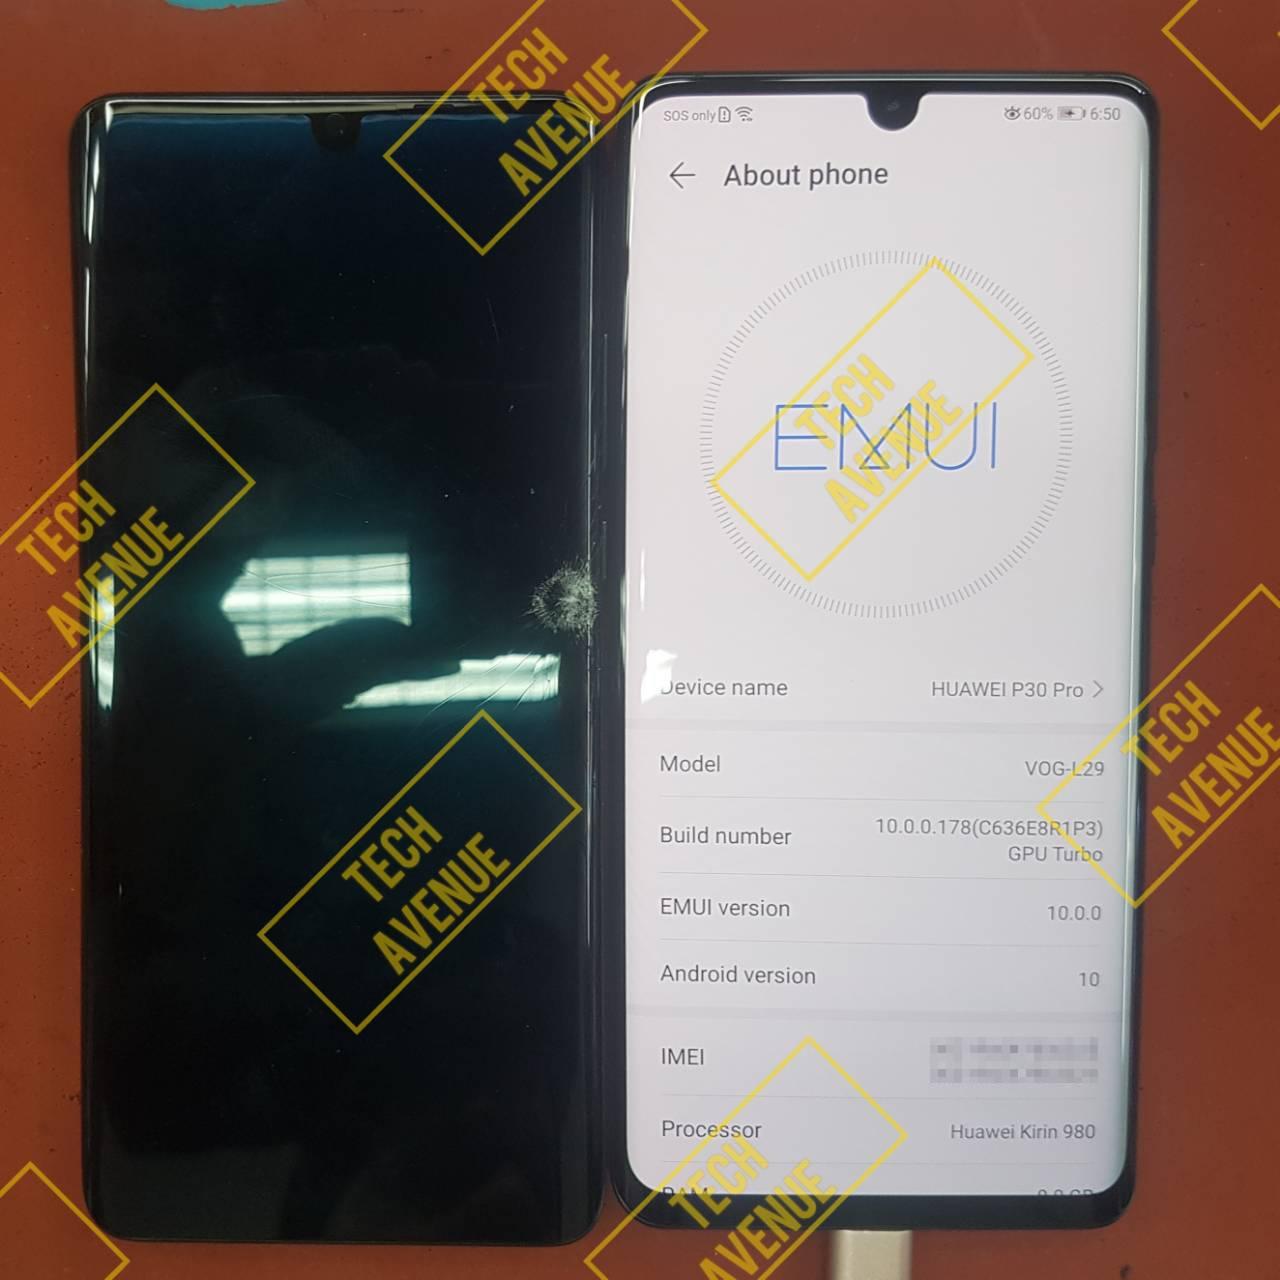 เปลี่ยนจอ Huawei หัวเว่ย P30 Pro ของแท้ ราคาถูก ร้านไหนดี 🥇 ศูนย์ซ่อม โทรศัพท์มือถือ มือถือทุกรุ่น ทุกยี่ห้อ iPhone | Apple | Samsung | Huawei